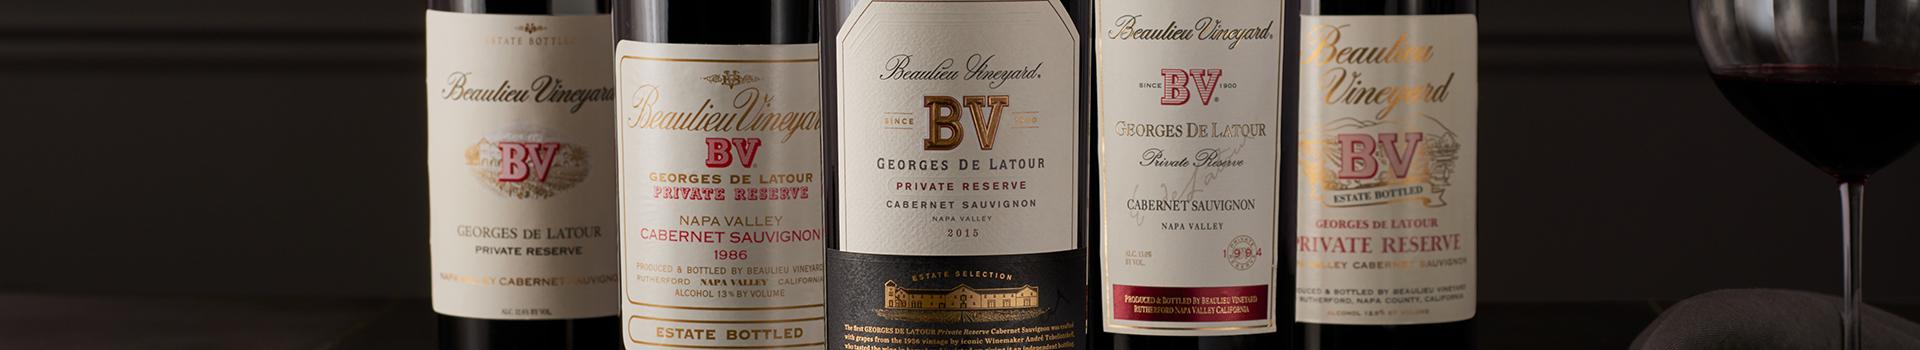 Library VIntages of Georges de Latour